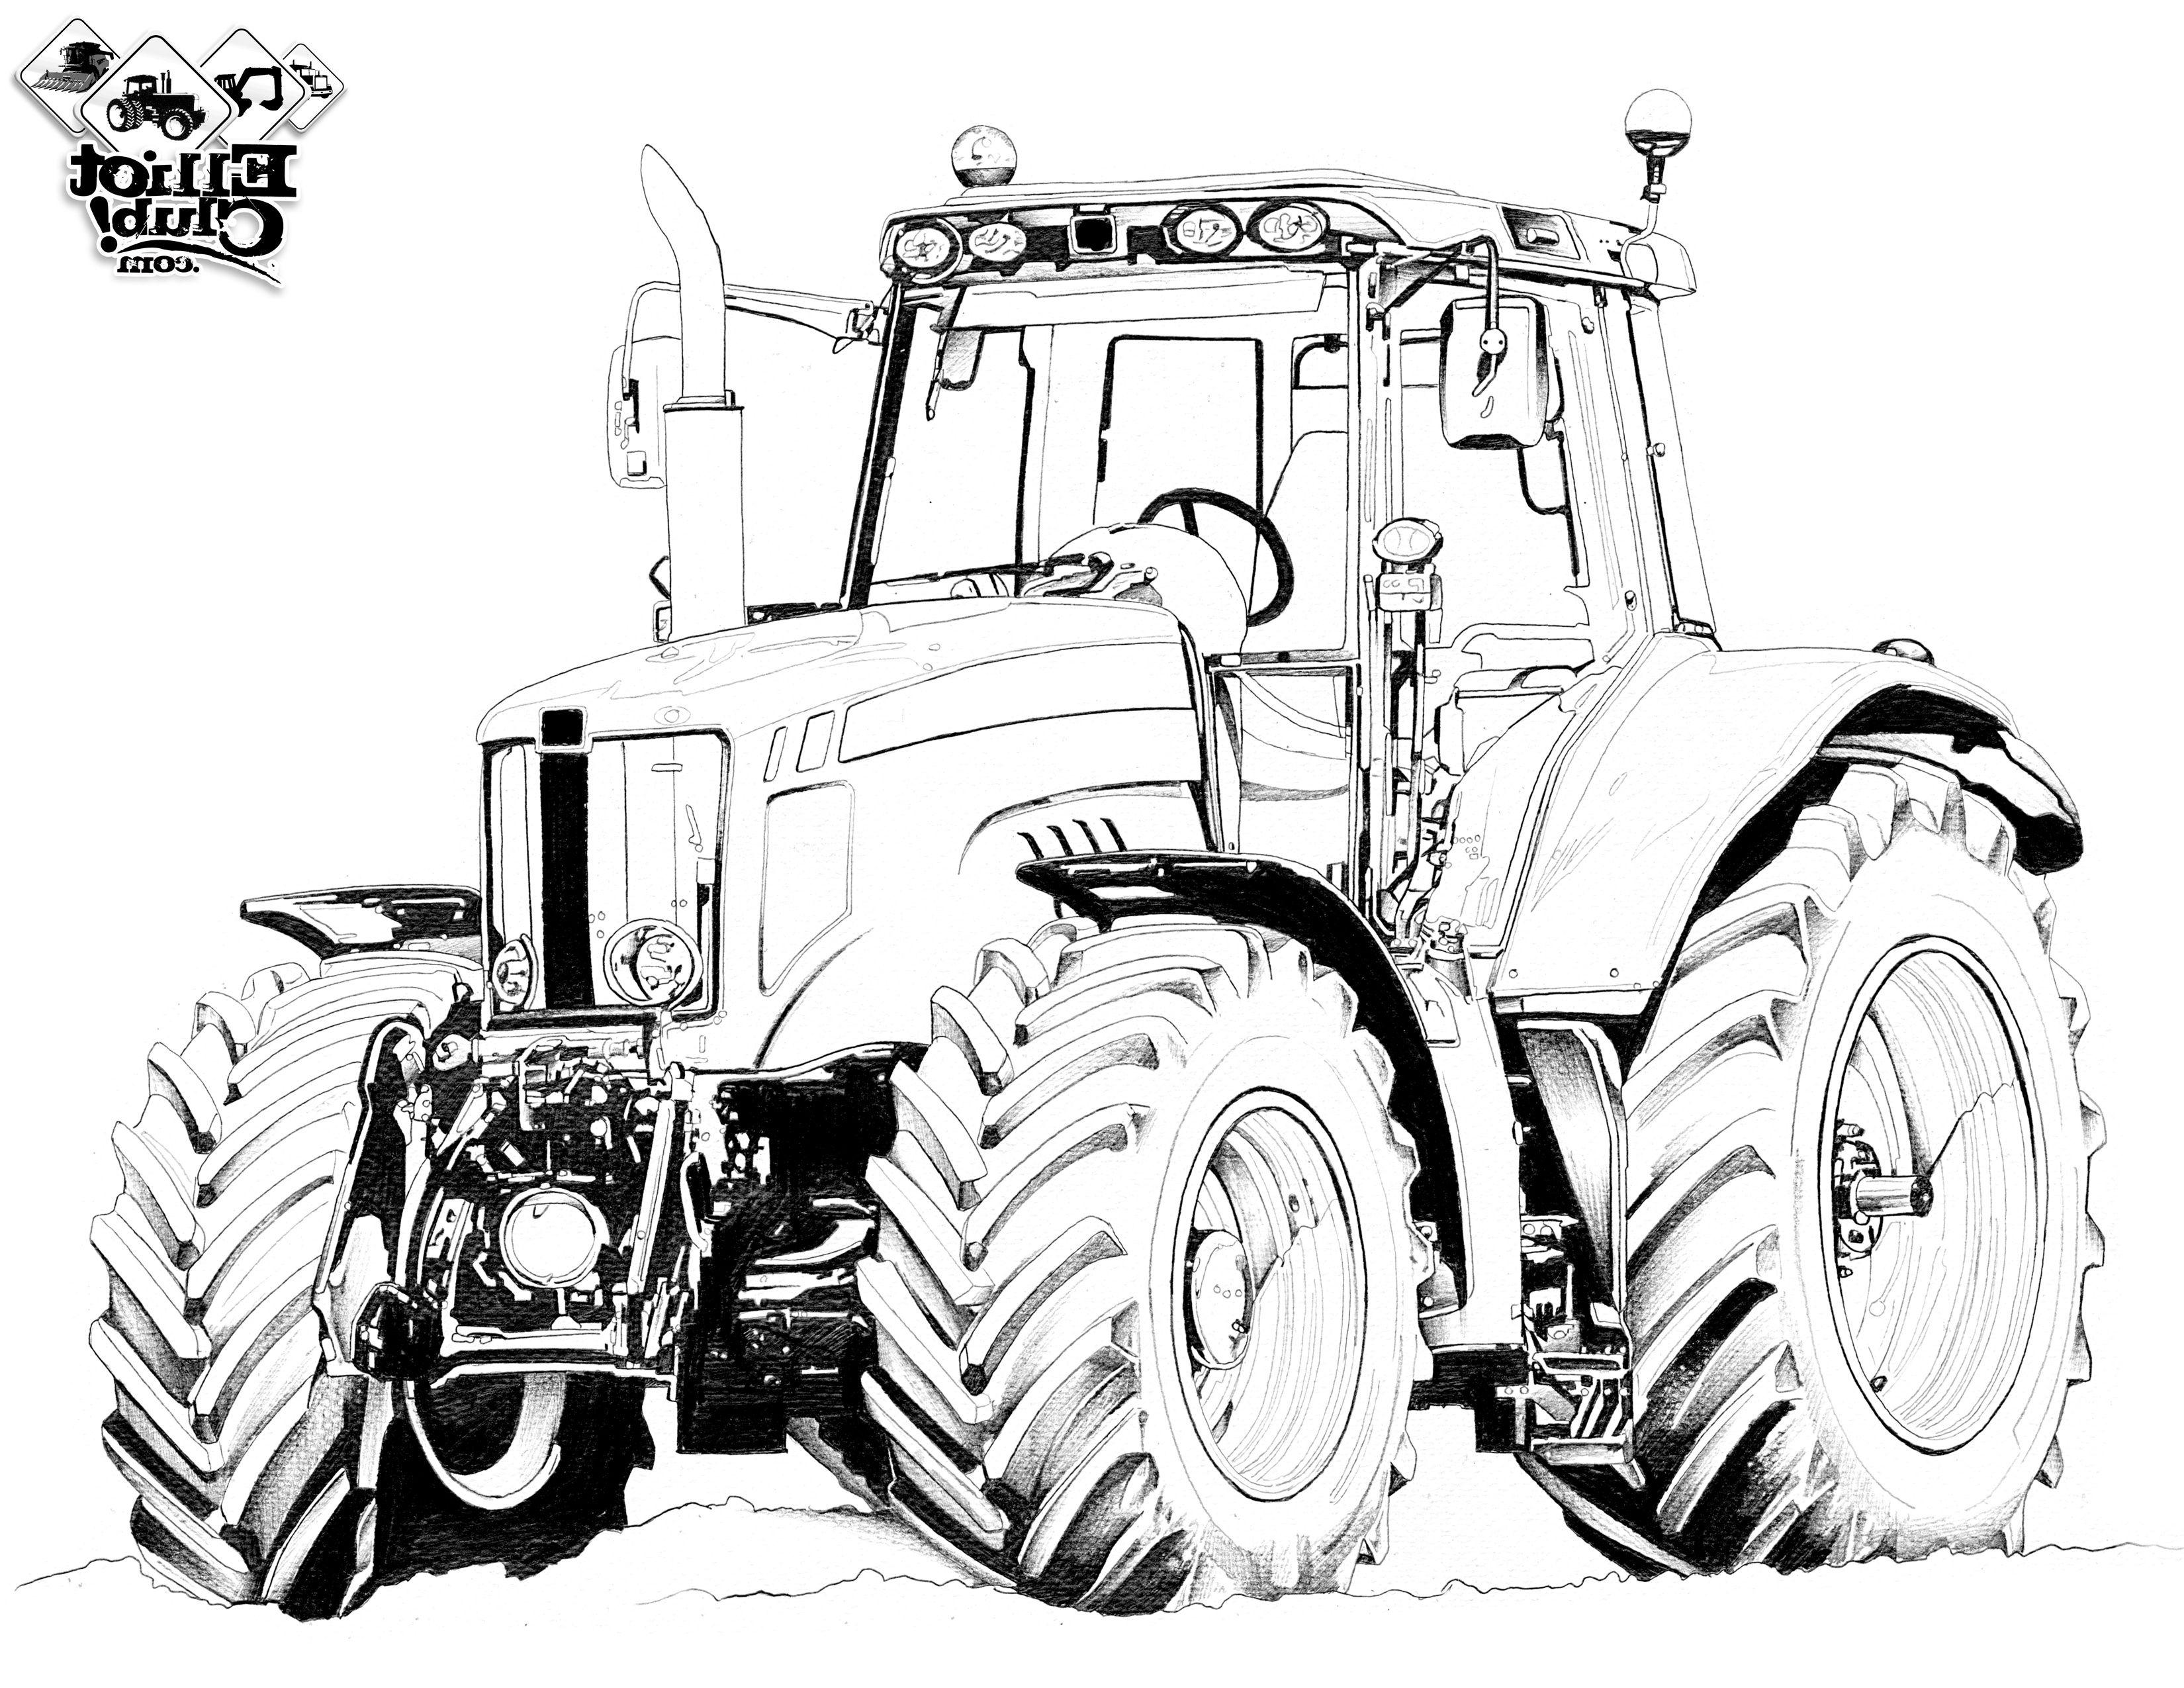 14 Beau De Tracteur A Colorier Images Coloriage Tracteur Image Coloriage Comment Dessiner Bob L Eponge